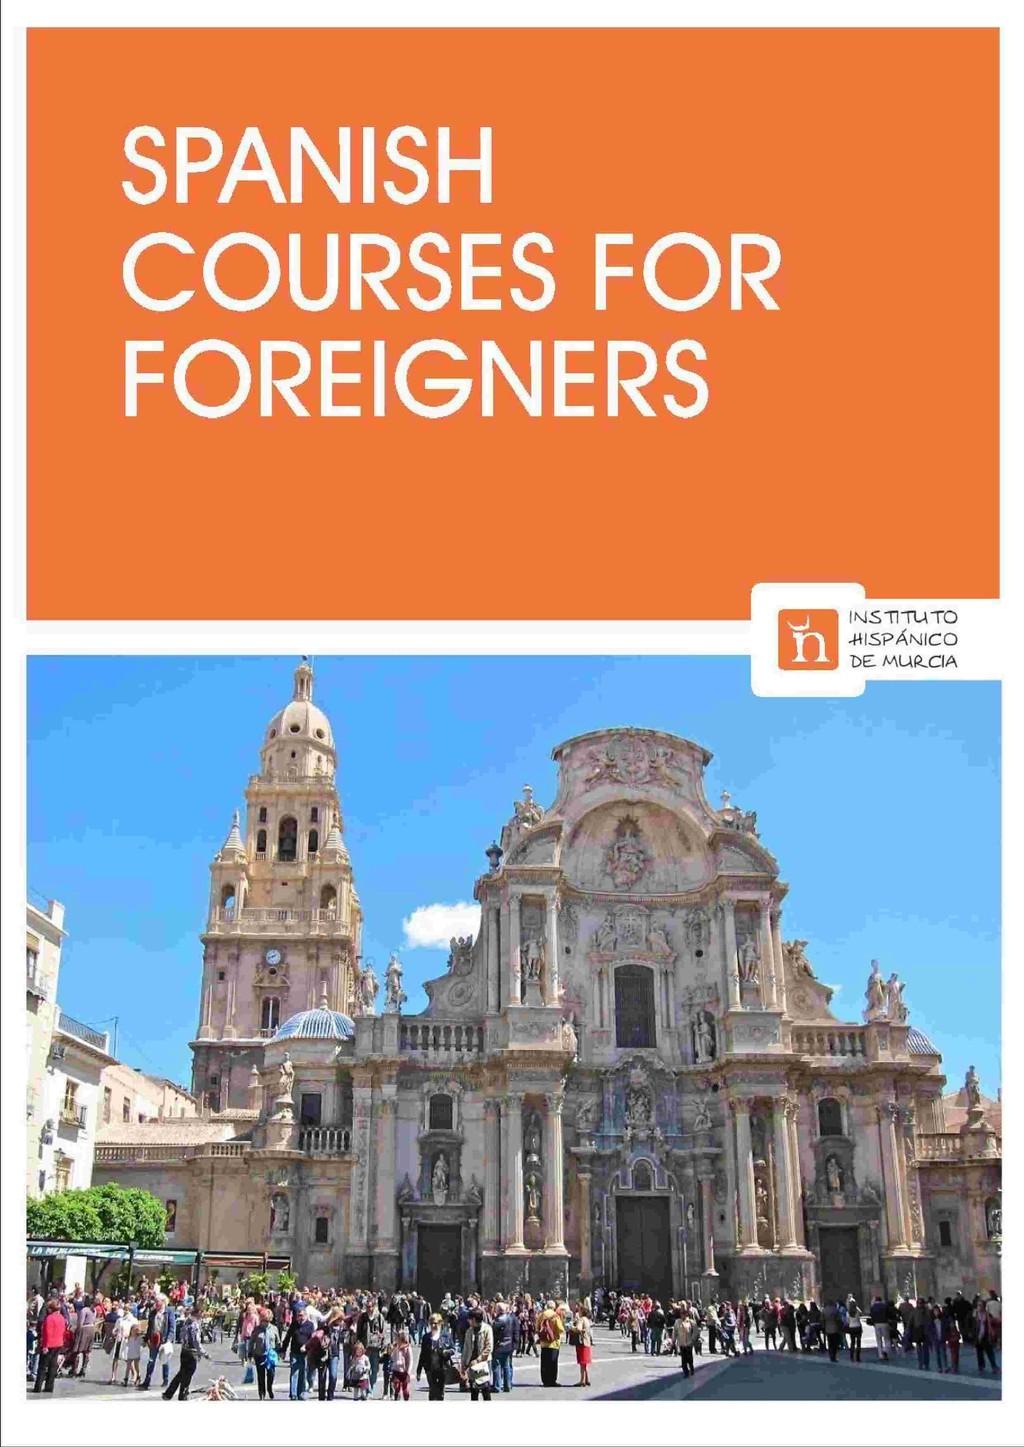 Buen alojamiento y cursos de español para Erasmus